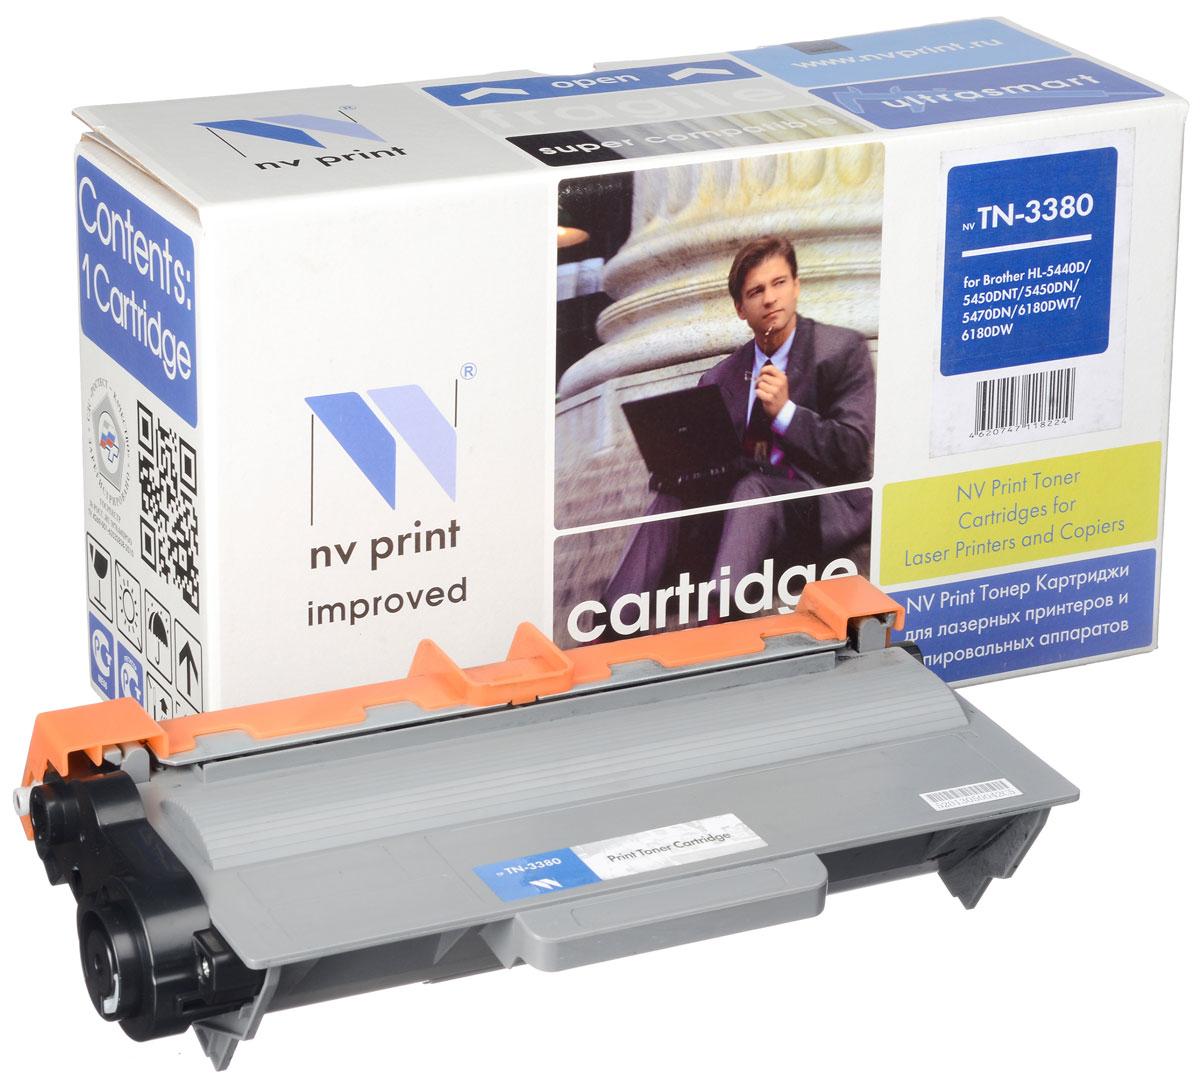 NV Print TN3380, Black тонер-картридж для Brother HL-5440D/5450DN/5470DW/6180DW/DCP8110/8250/MFC8520/8950NV-TN3380Совместимый лазерный картридж NV Print TN3380 для печатающих устройств Brother - это альтернатива приобретению оригинальных расходных материалов. При этом качество печати остается высоким. Картридж обеспечивает повышенную чёткость чёрного текста и плавность переходов оттенков серого цвета и полутонов, позволяет отображать мельчайшие детали изображения. Лазерные принтеры, копировальные аппараты и МФУ являются более выгодными в печати, чем струйные устройства, так как лазерных картриджей хватает на значительно большее количество отпечатков, чем обычных. Для печати в данном случае используются не чернила, а тонер.